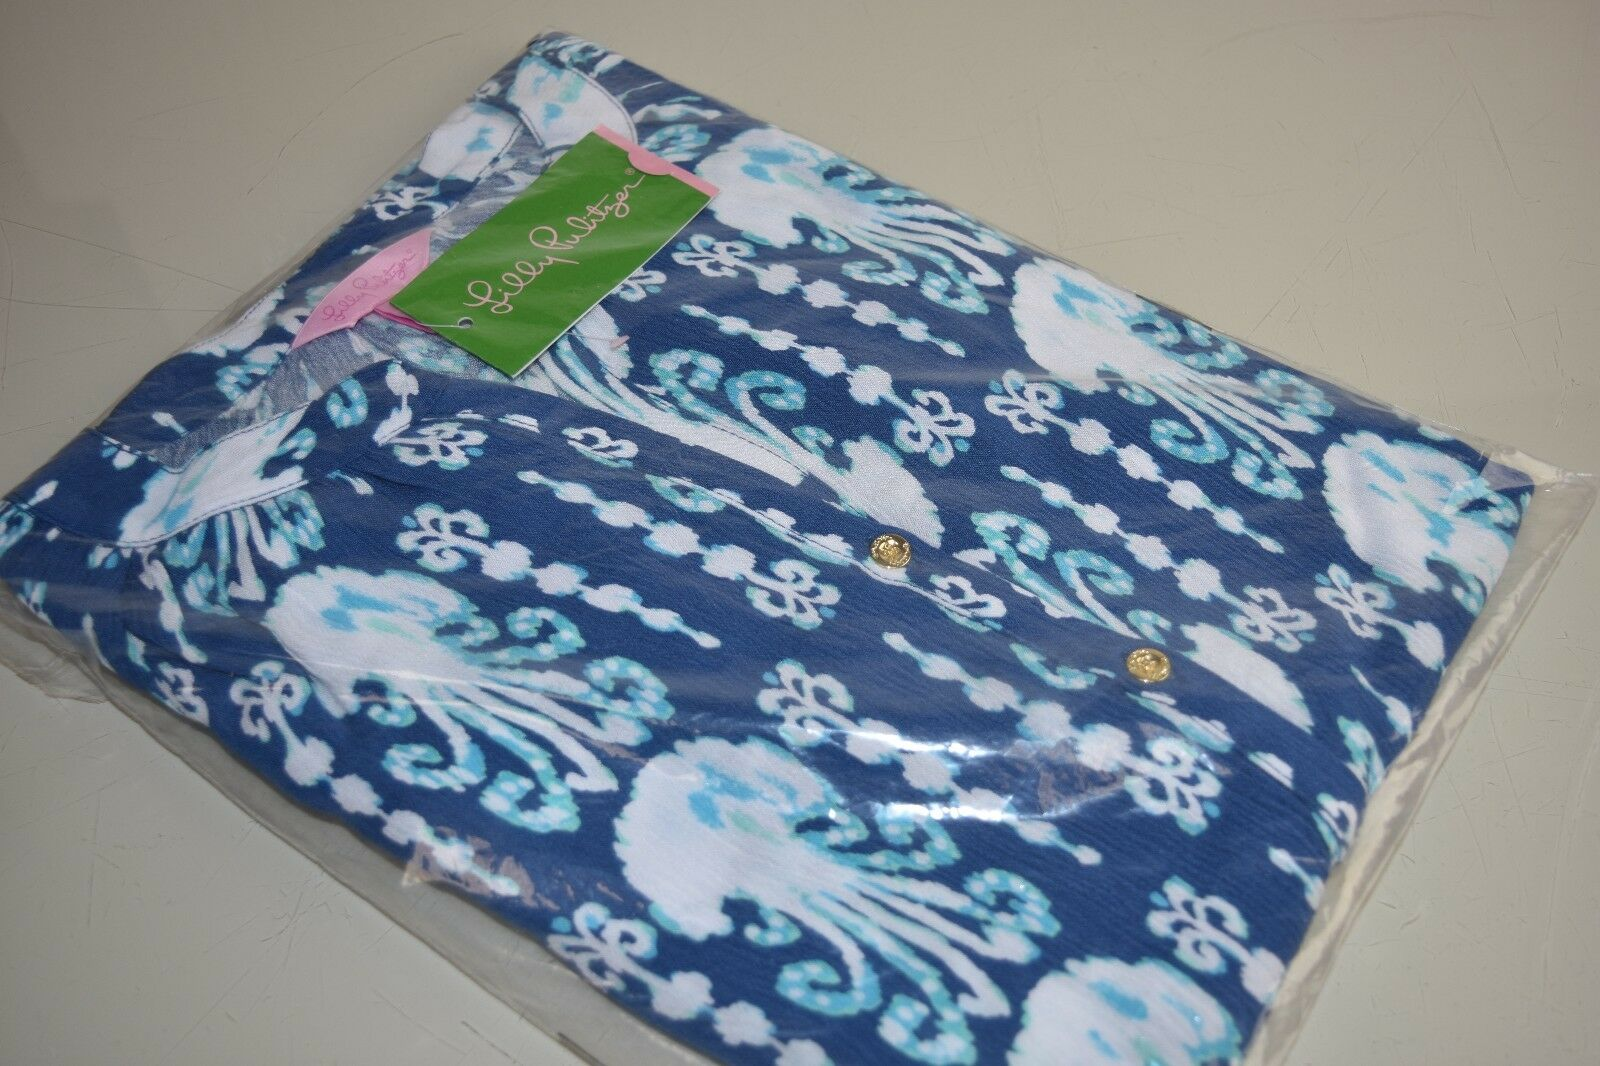 Nuovo Lilly Pulitzer Elsa Tutina Indaco Get in Line Blu Blu Blu Bianco Mussolina XS S M 67217d